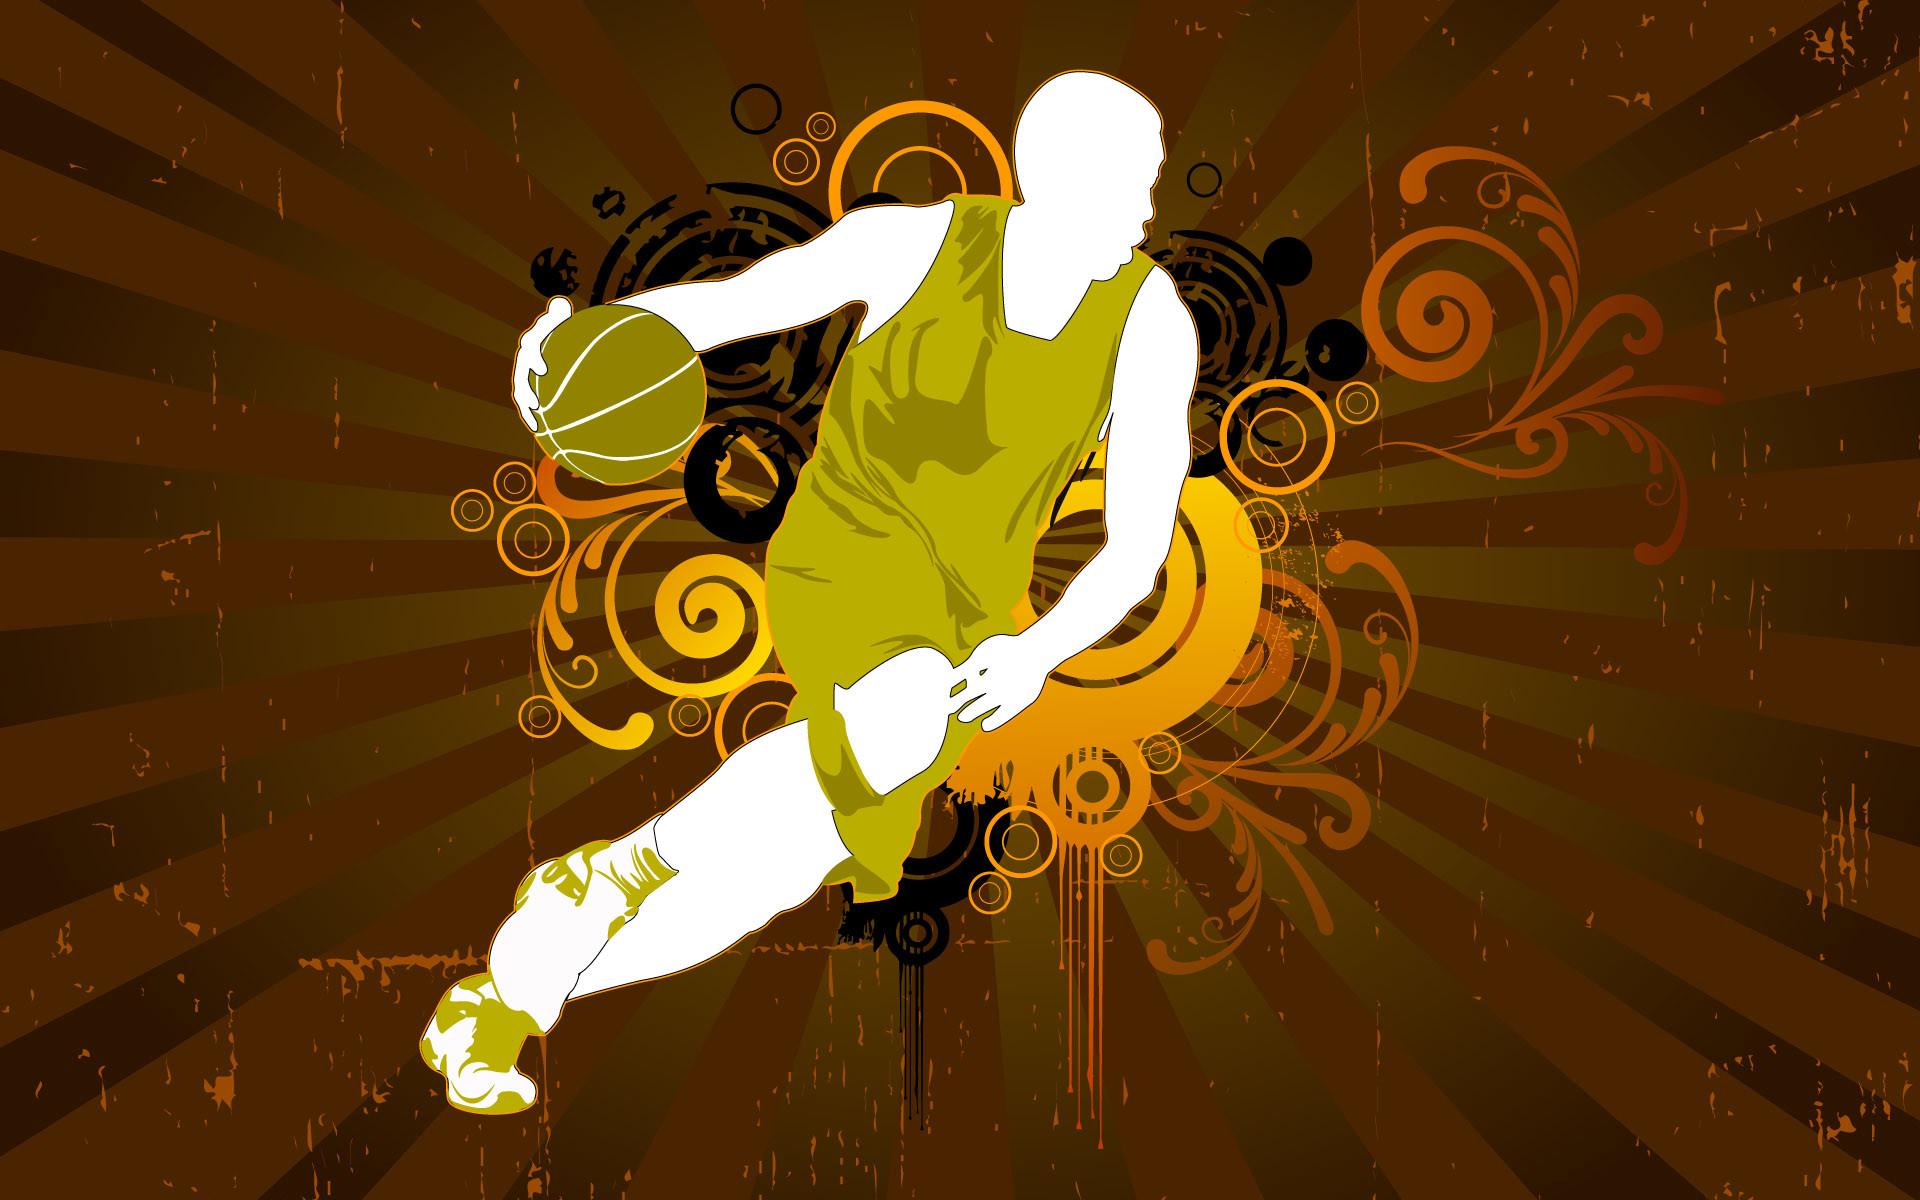 1920x1080 Cool Basketball Wallpaper Wallpaper